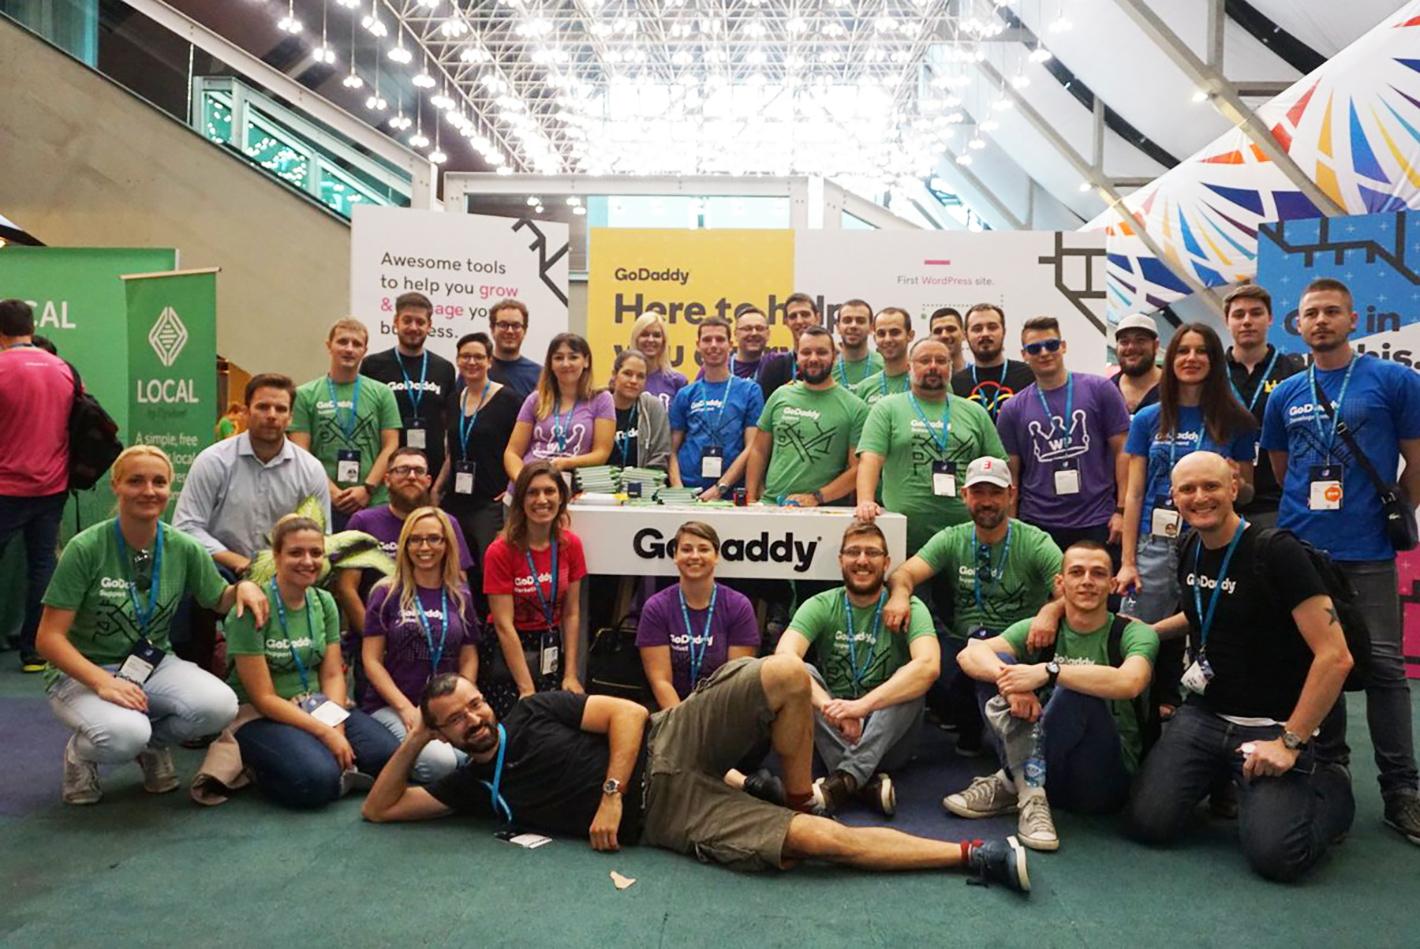 GoDaddy Team at WCEU 2018